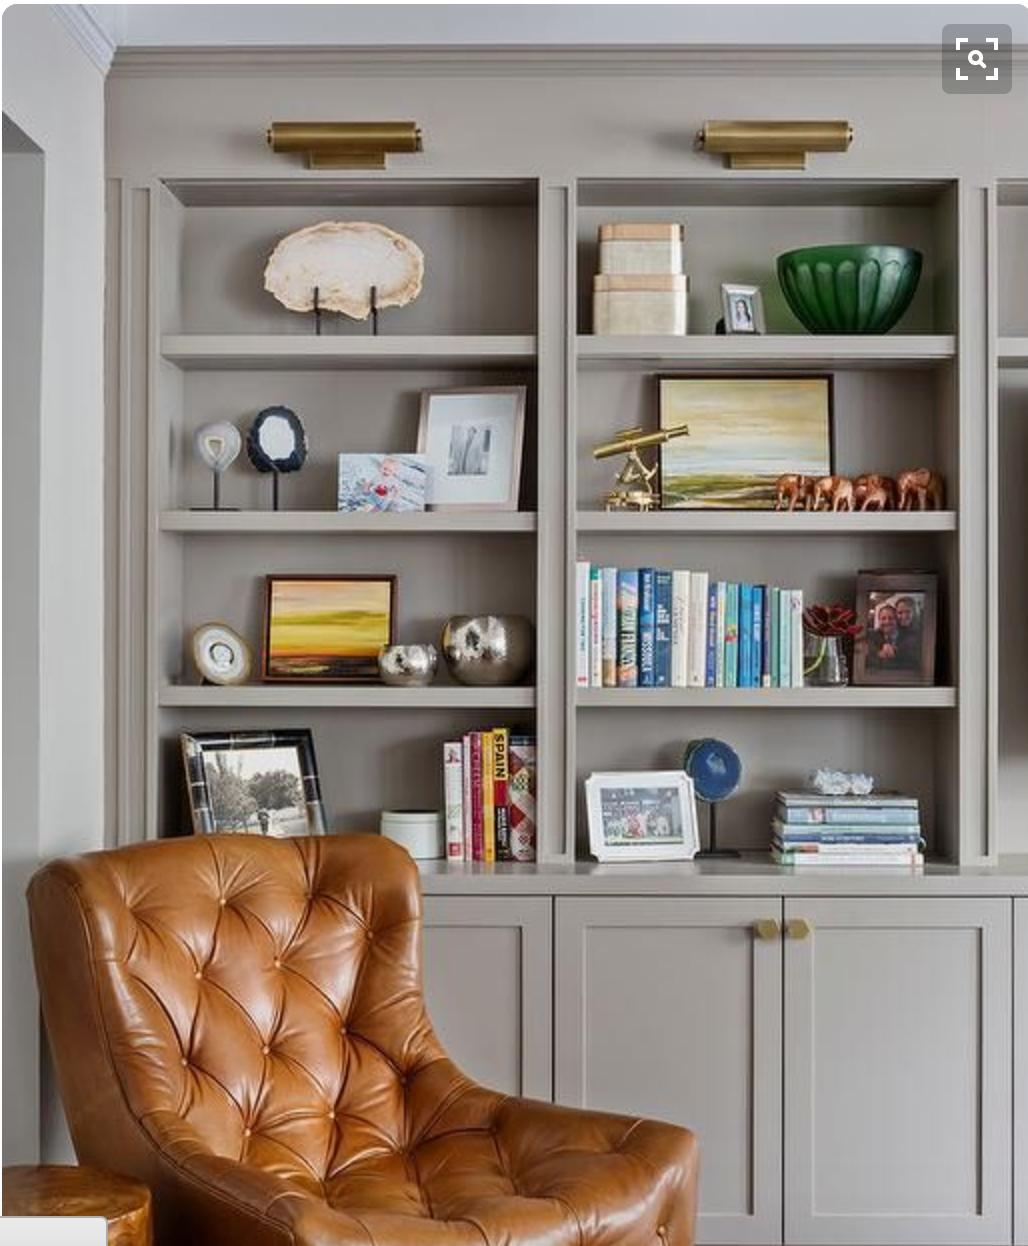 pin by jean kwolek on living room in 2019 pinterest bookshelves rh pinterest com